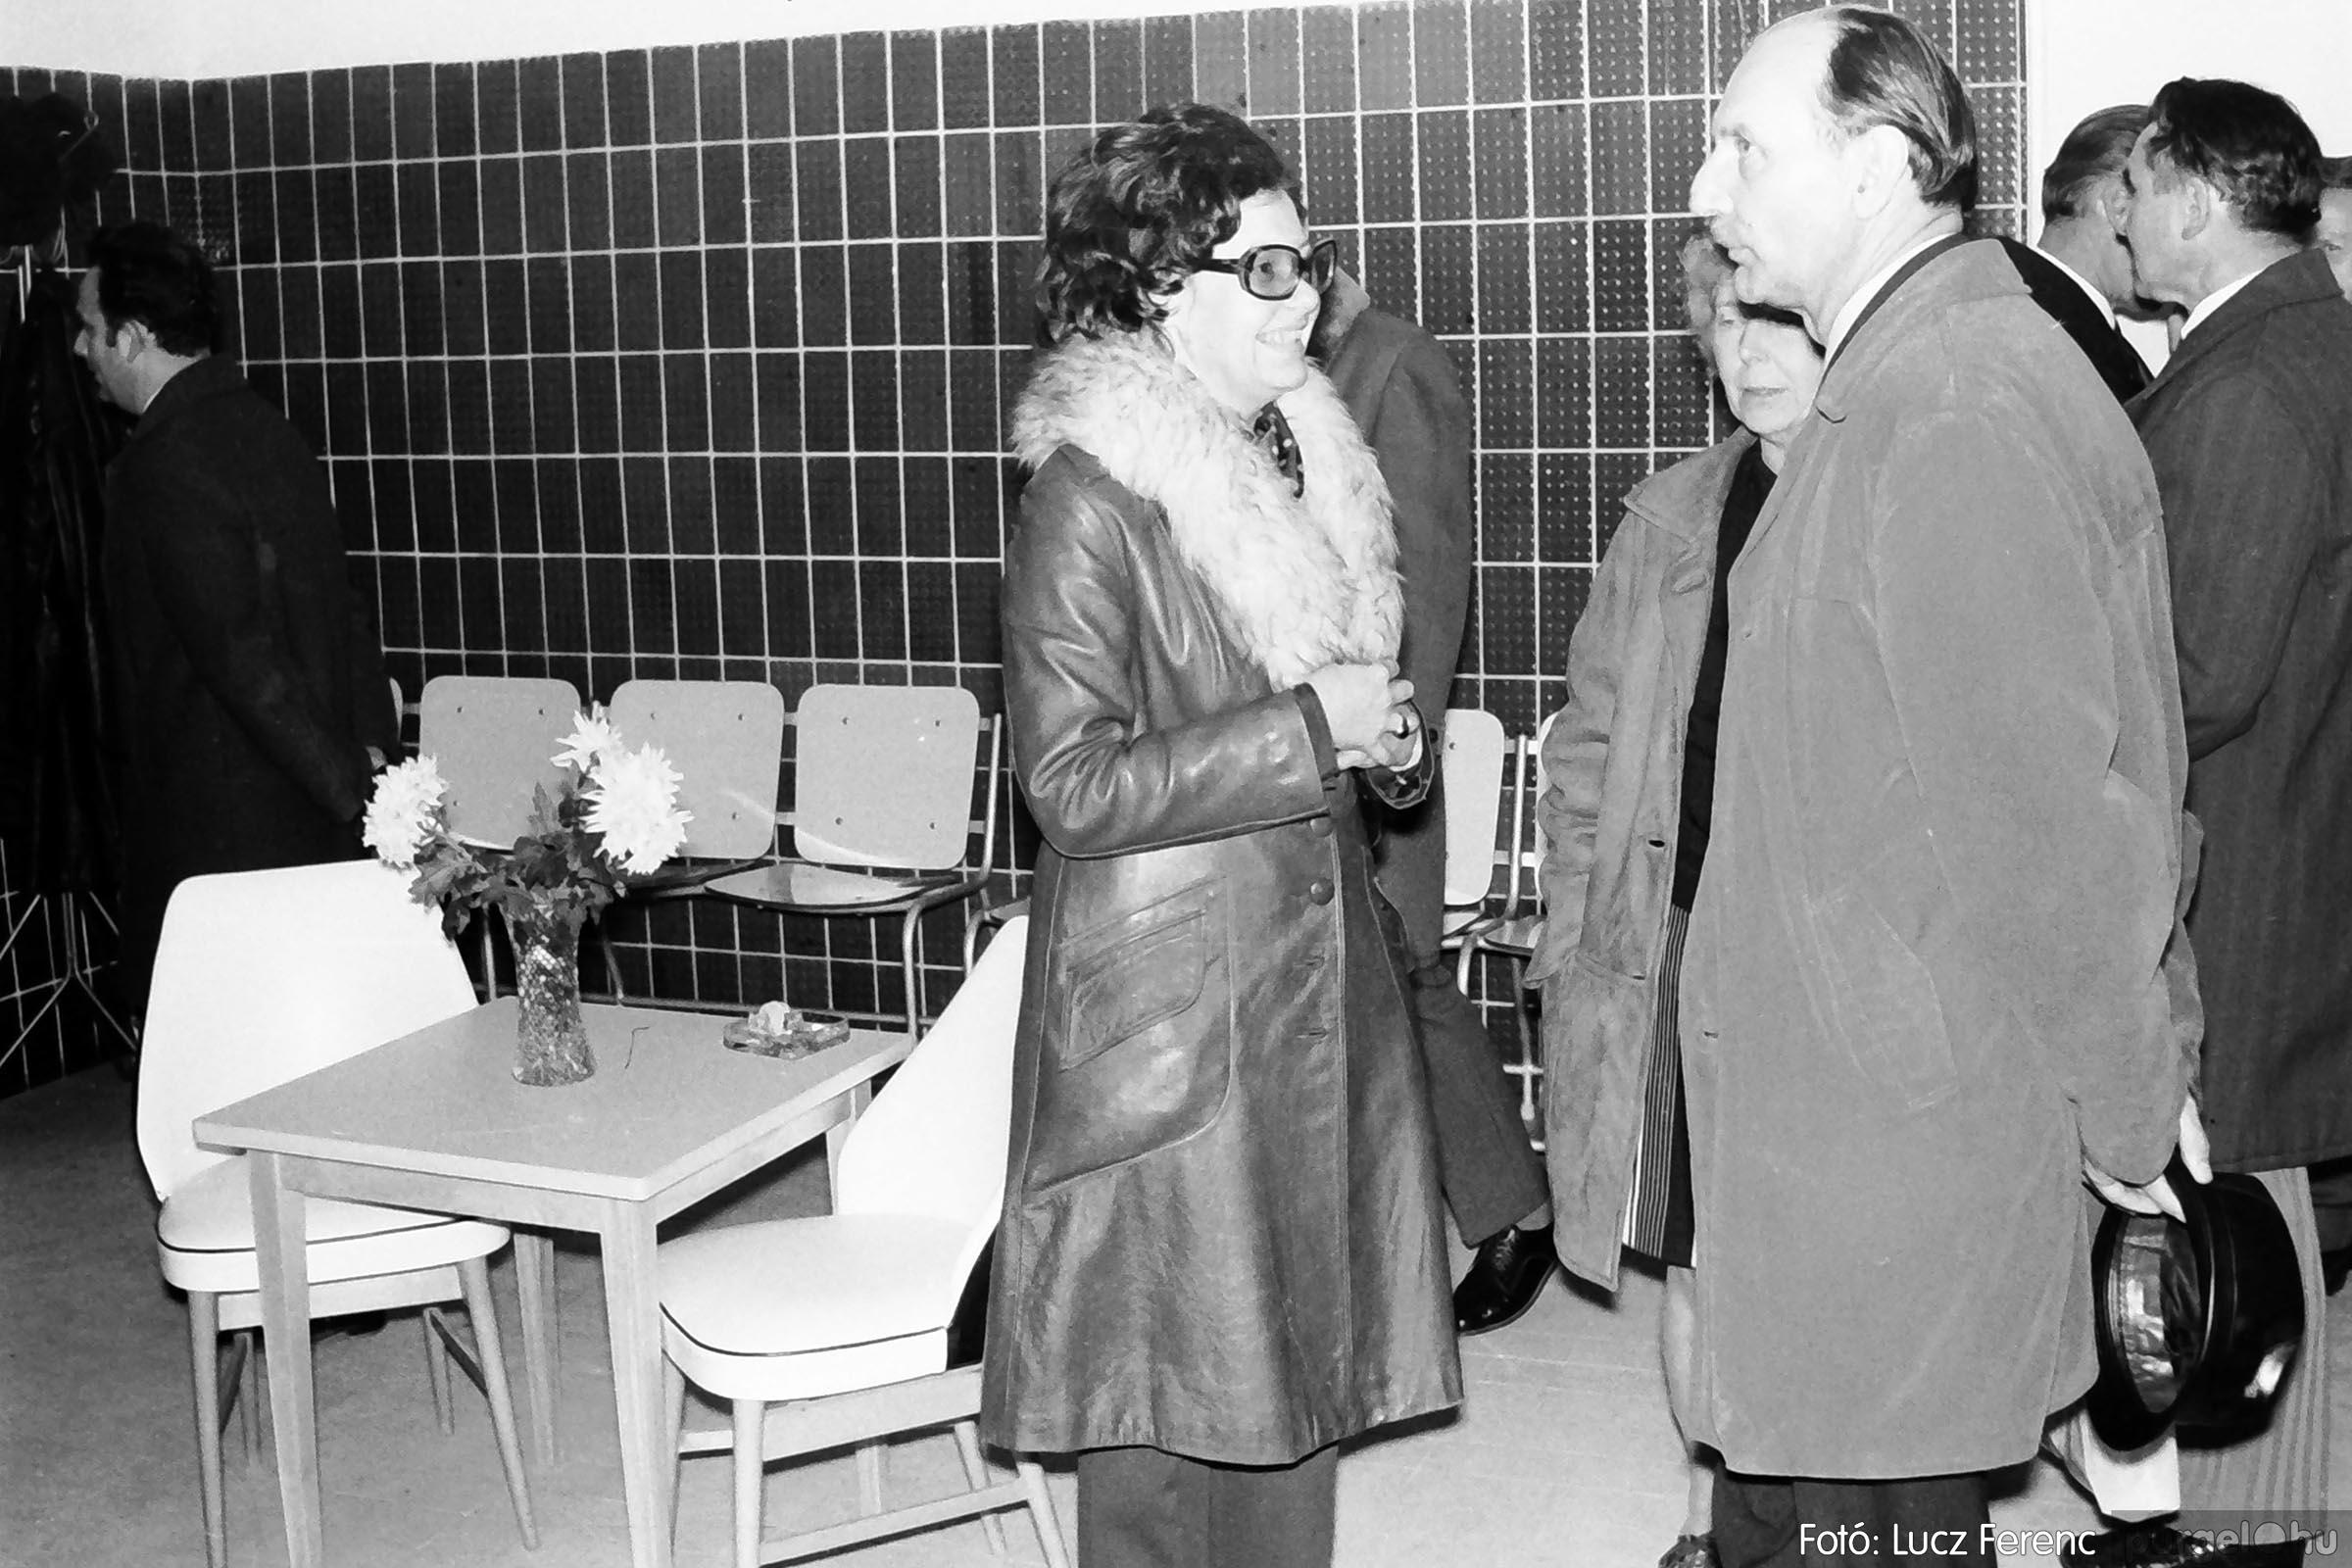 002 1970-es évek - Orvosi rendelő épületének átadása 022 - Fotó: Lucz Ferenc - IMG01120q.jpg